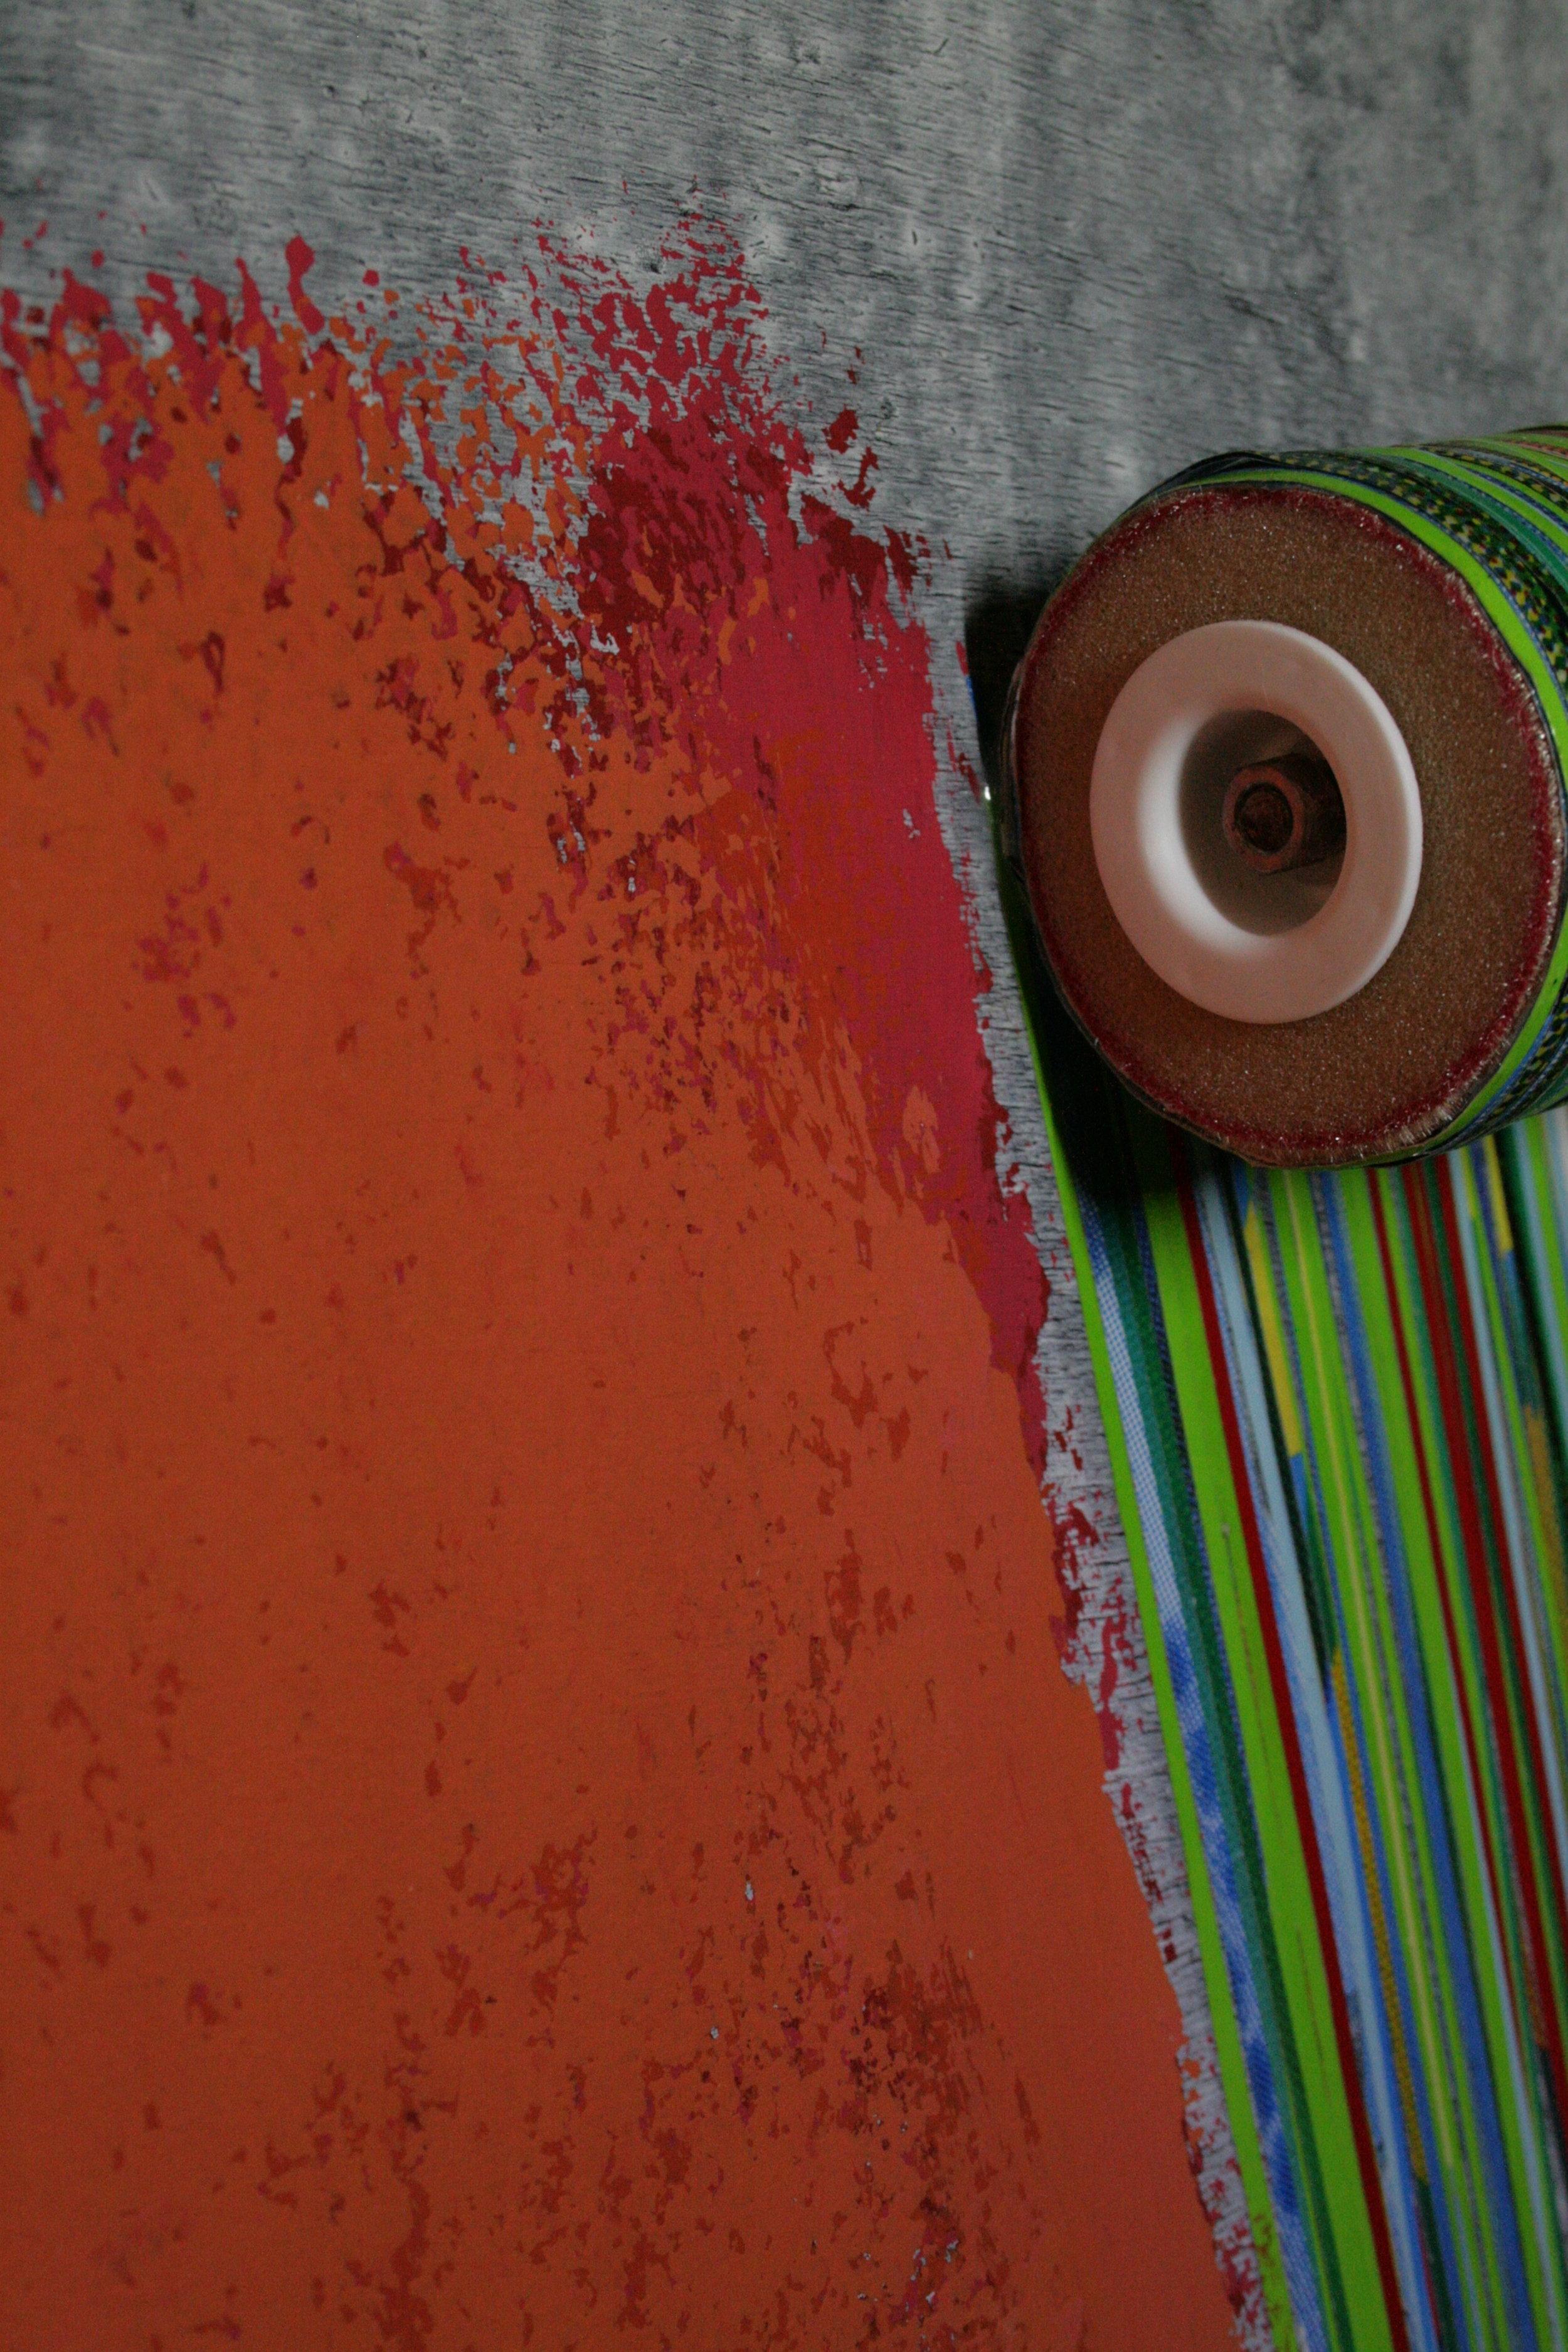 ROULEAU - Pavlos Dionyssopoulos (1994) - Oeuvre composite (Bois, peinture acrylique, lés de papier massicoté, rouleau plastique et PVC).Encadrement sous Plexiglas®. 51 x 71 cm.